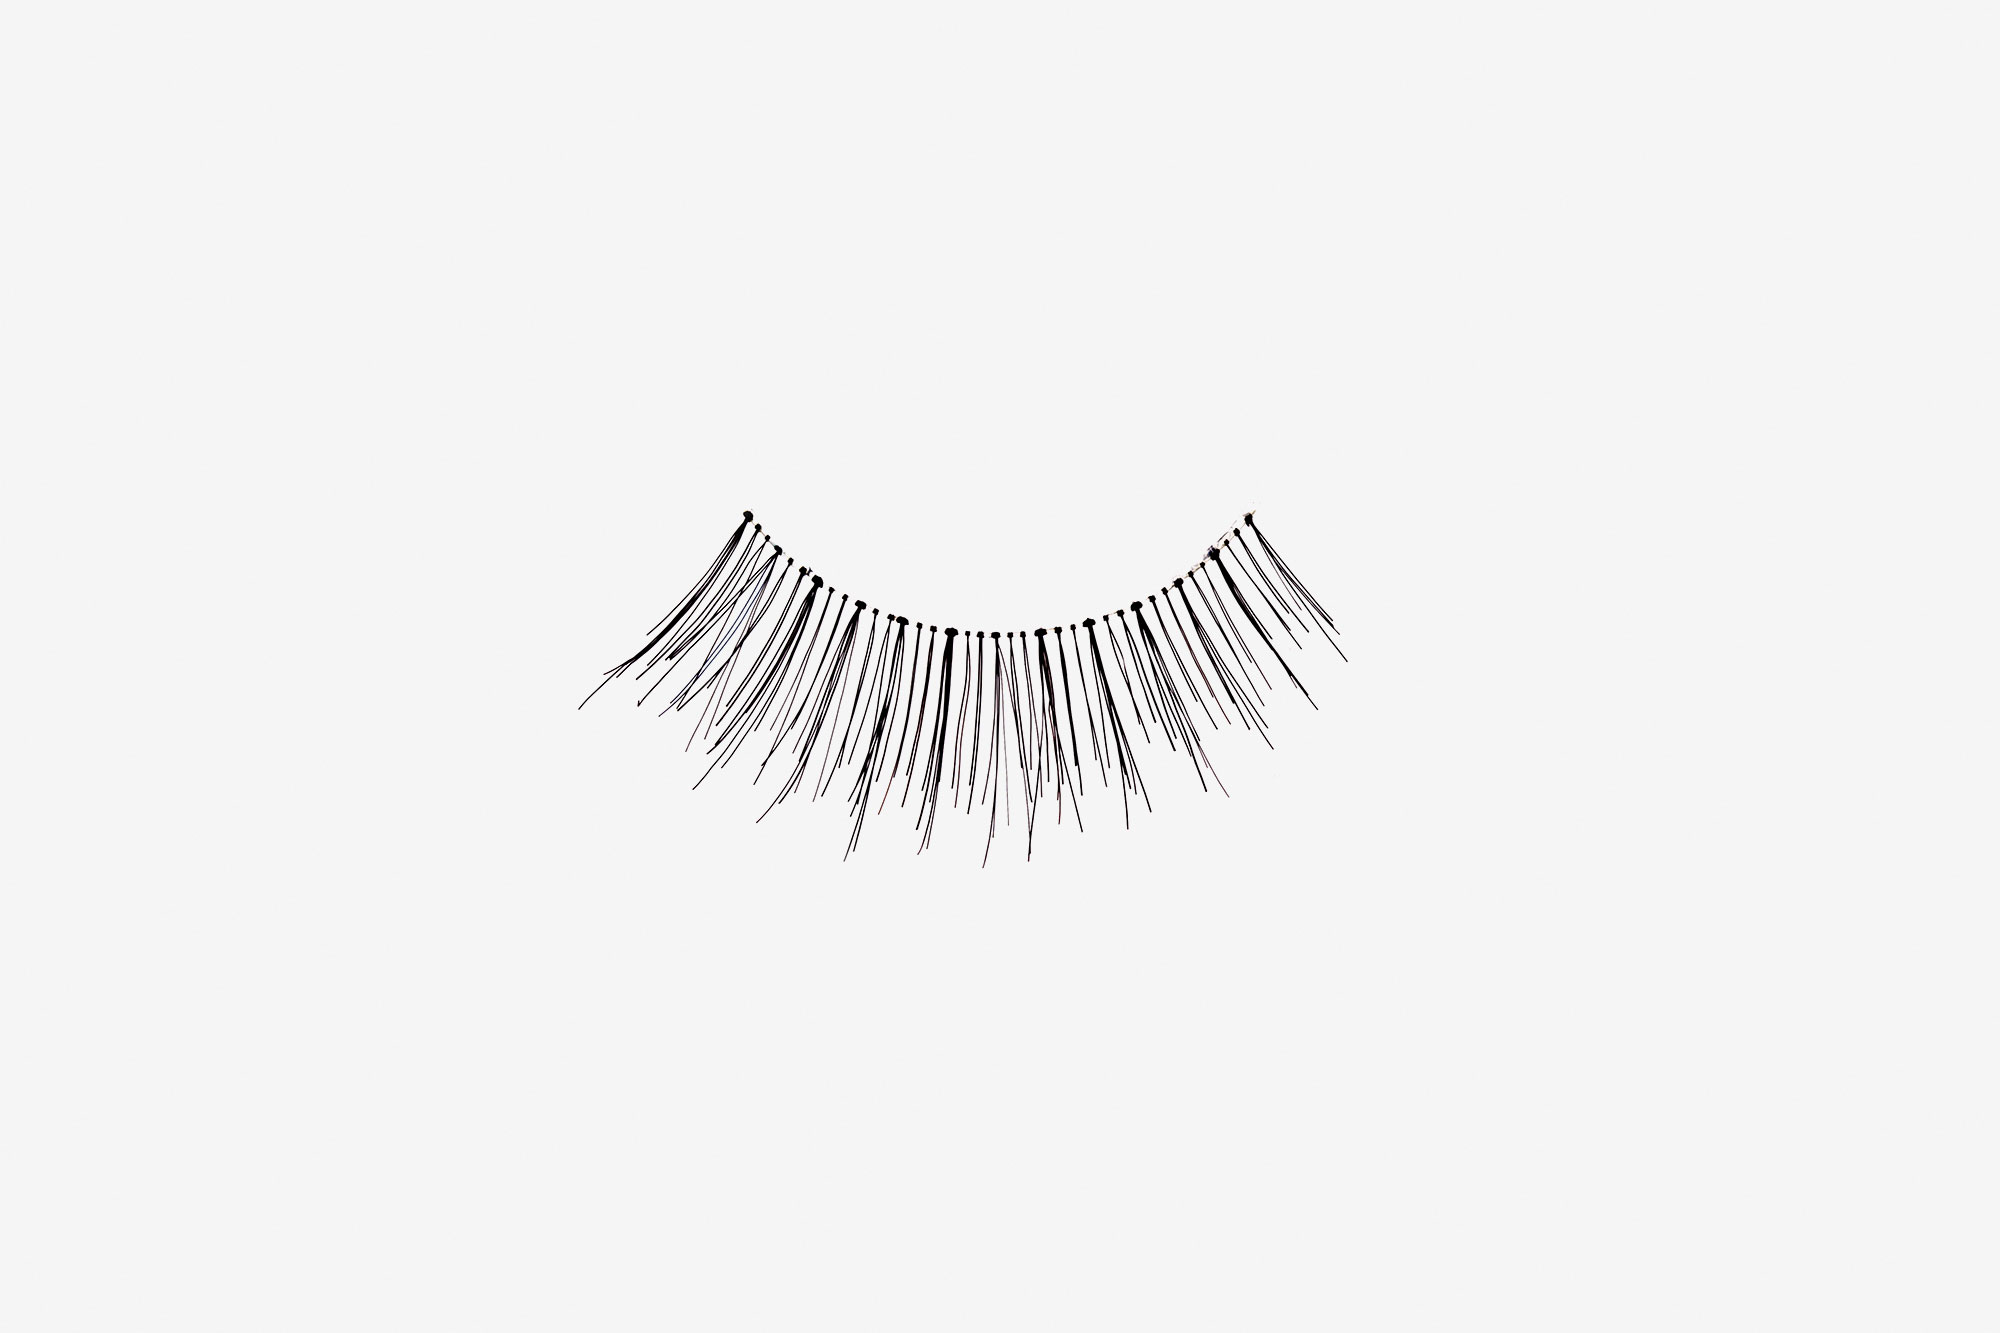 Lilly False Eyelashes, single false lash on grey background